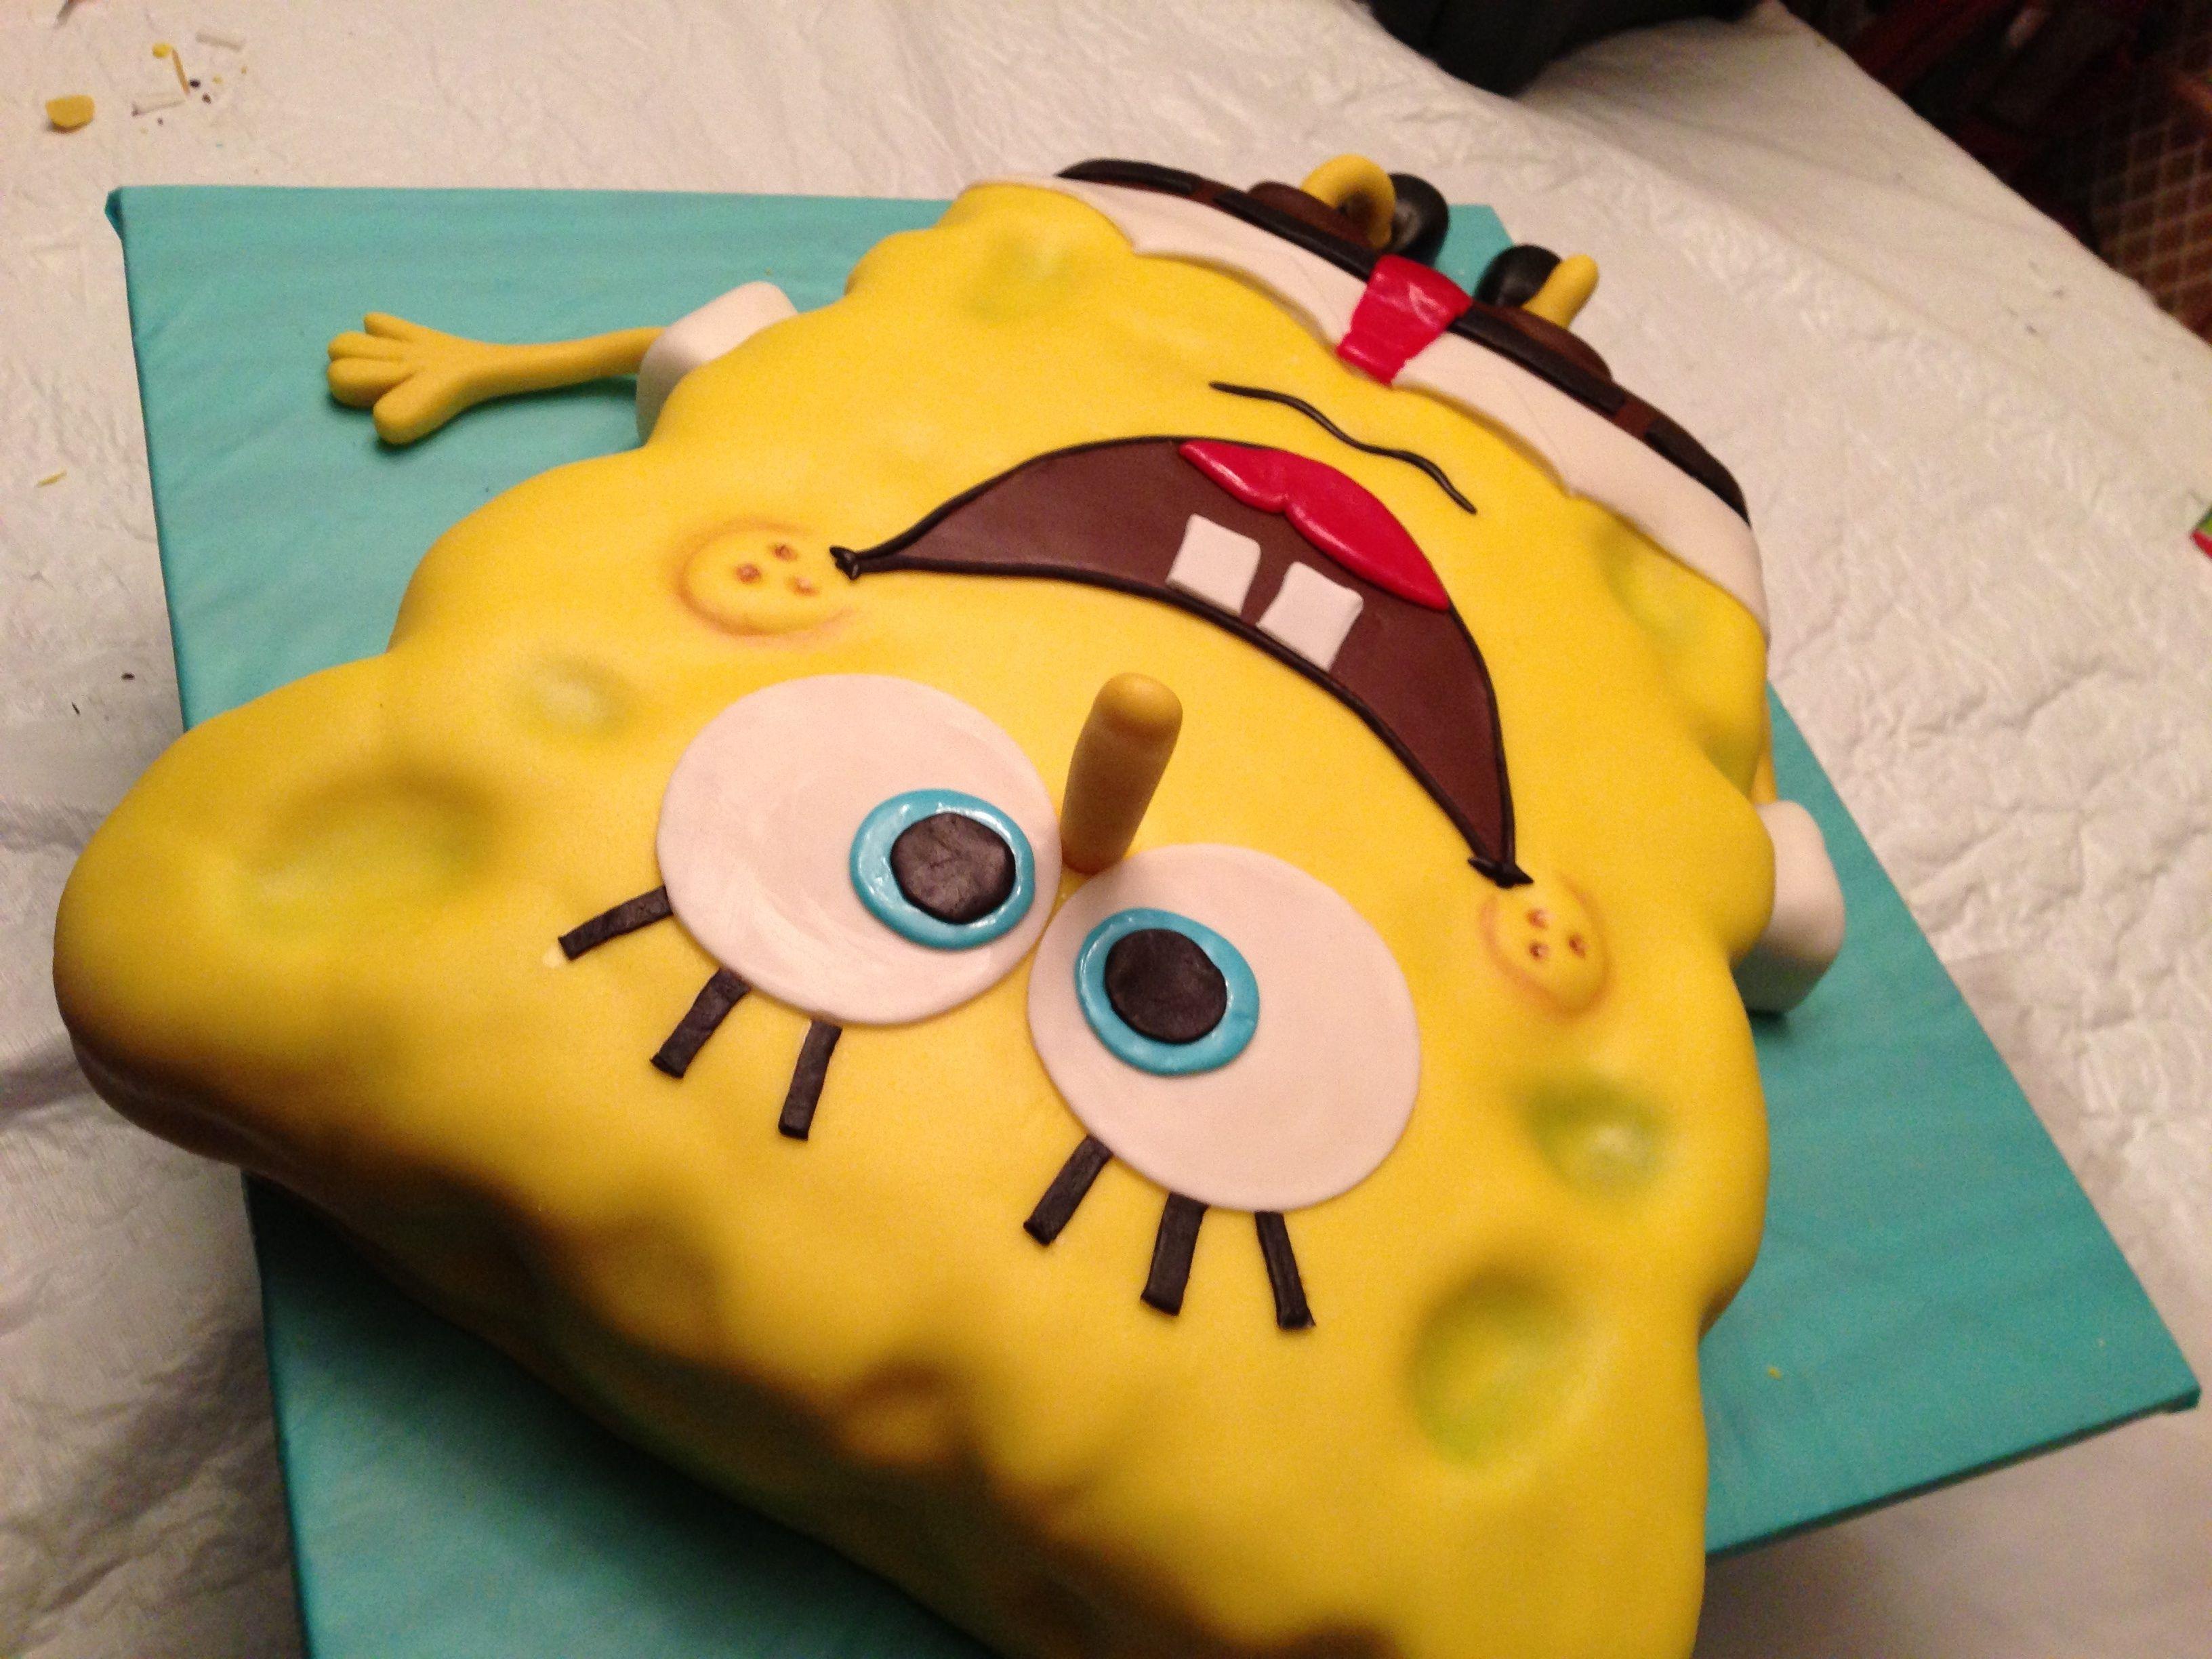 Spongebob - CakeCentral.com